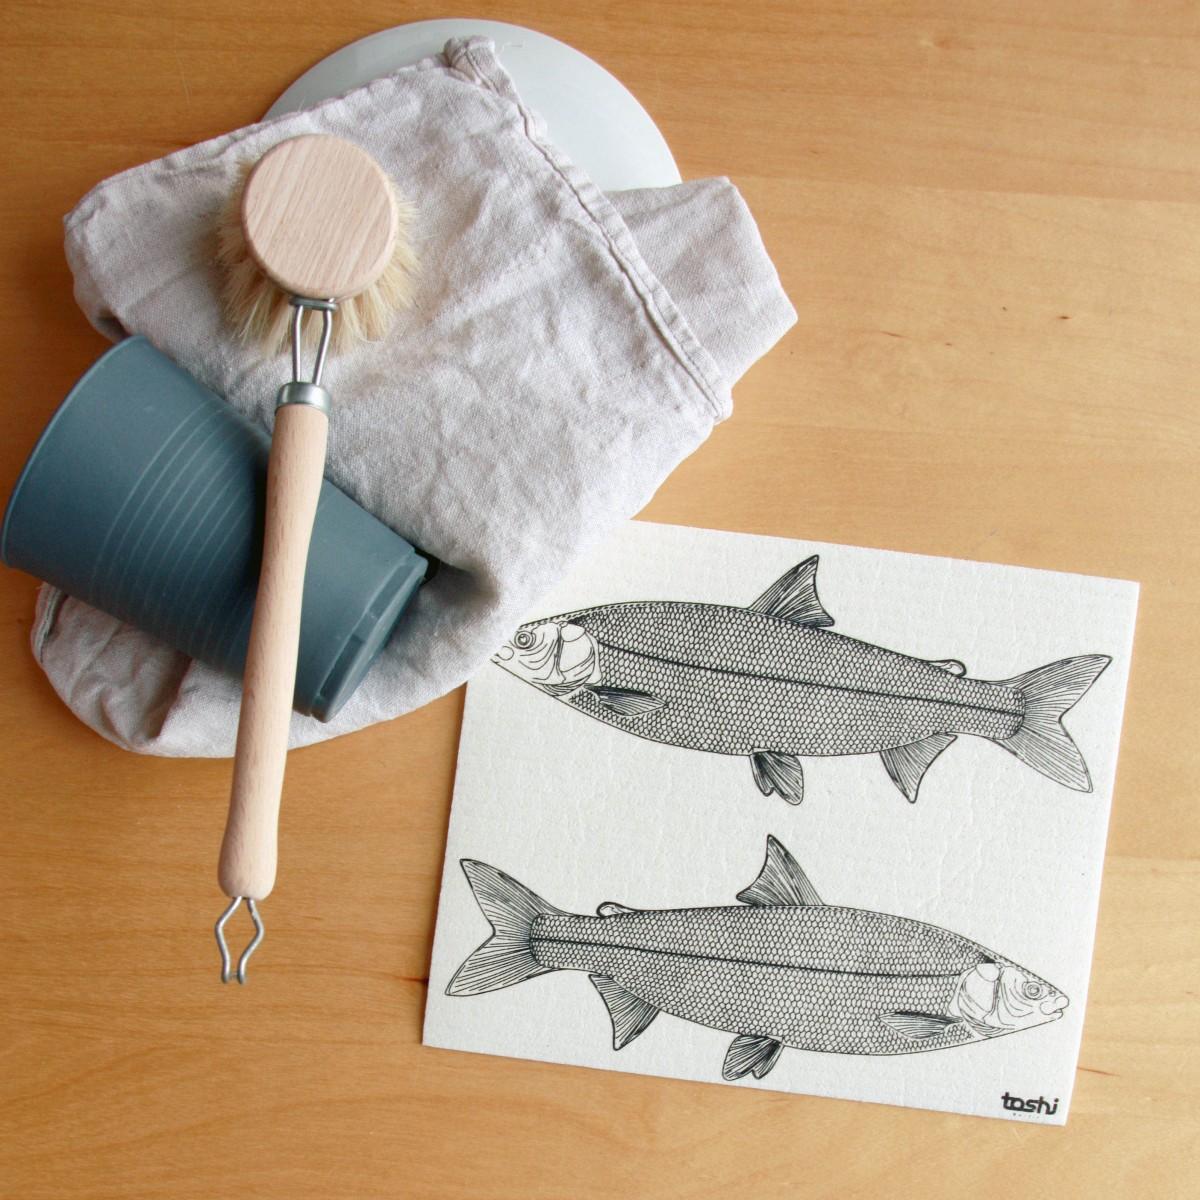 toshi Schwammtuch mit Aufdruck (Fische)